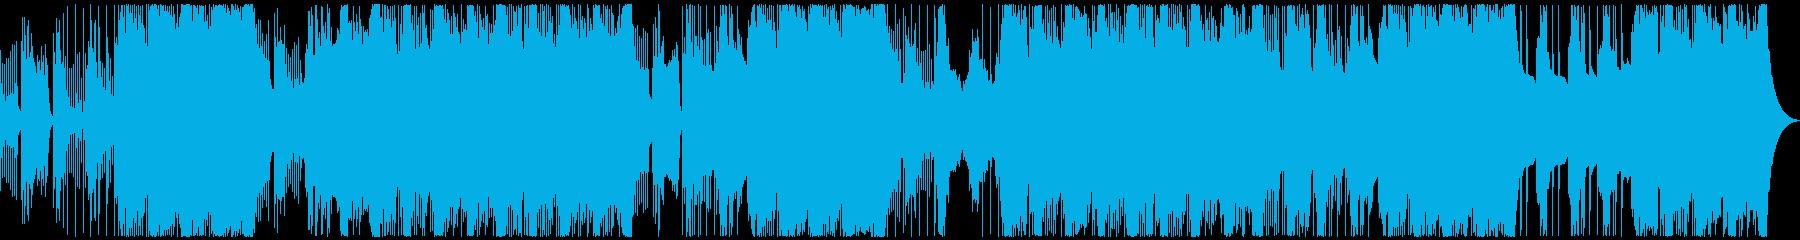 レトロ 神経質 厳Sol ファンタ...の再生済みの波形